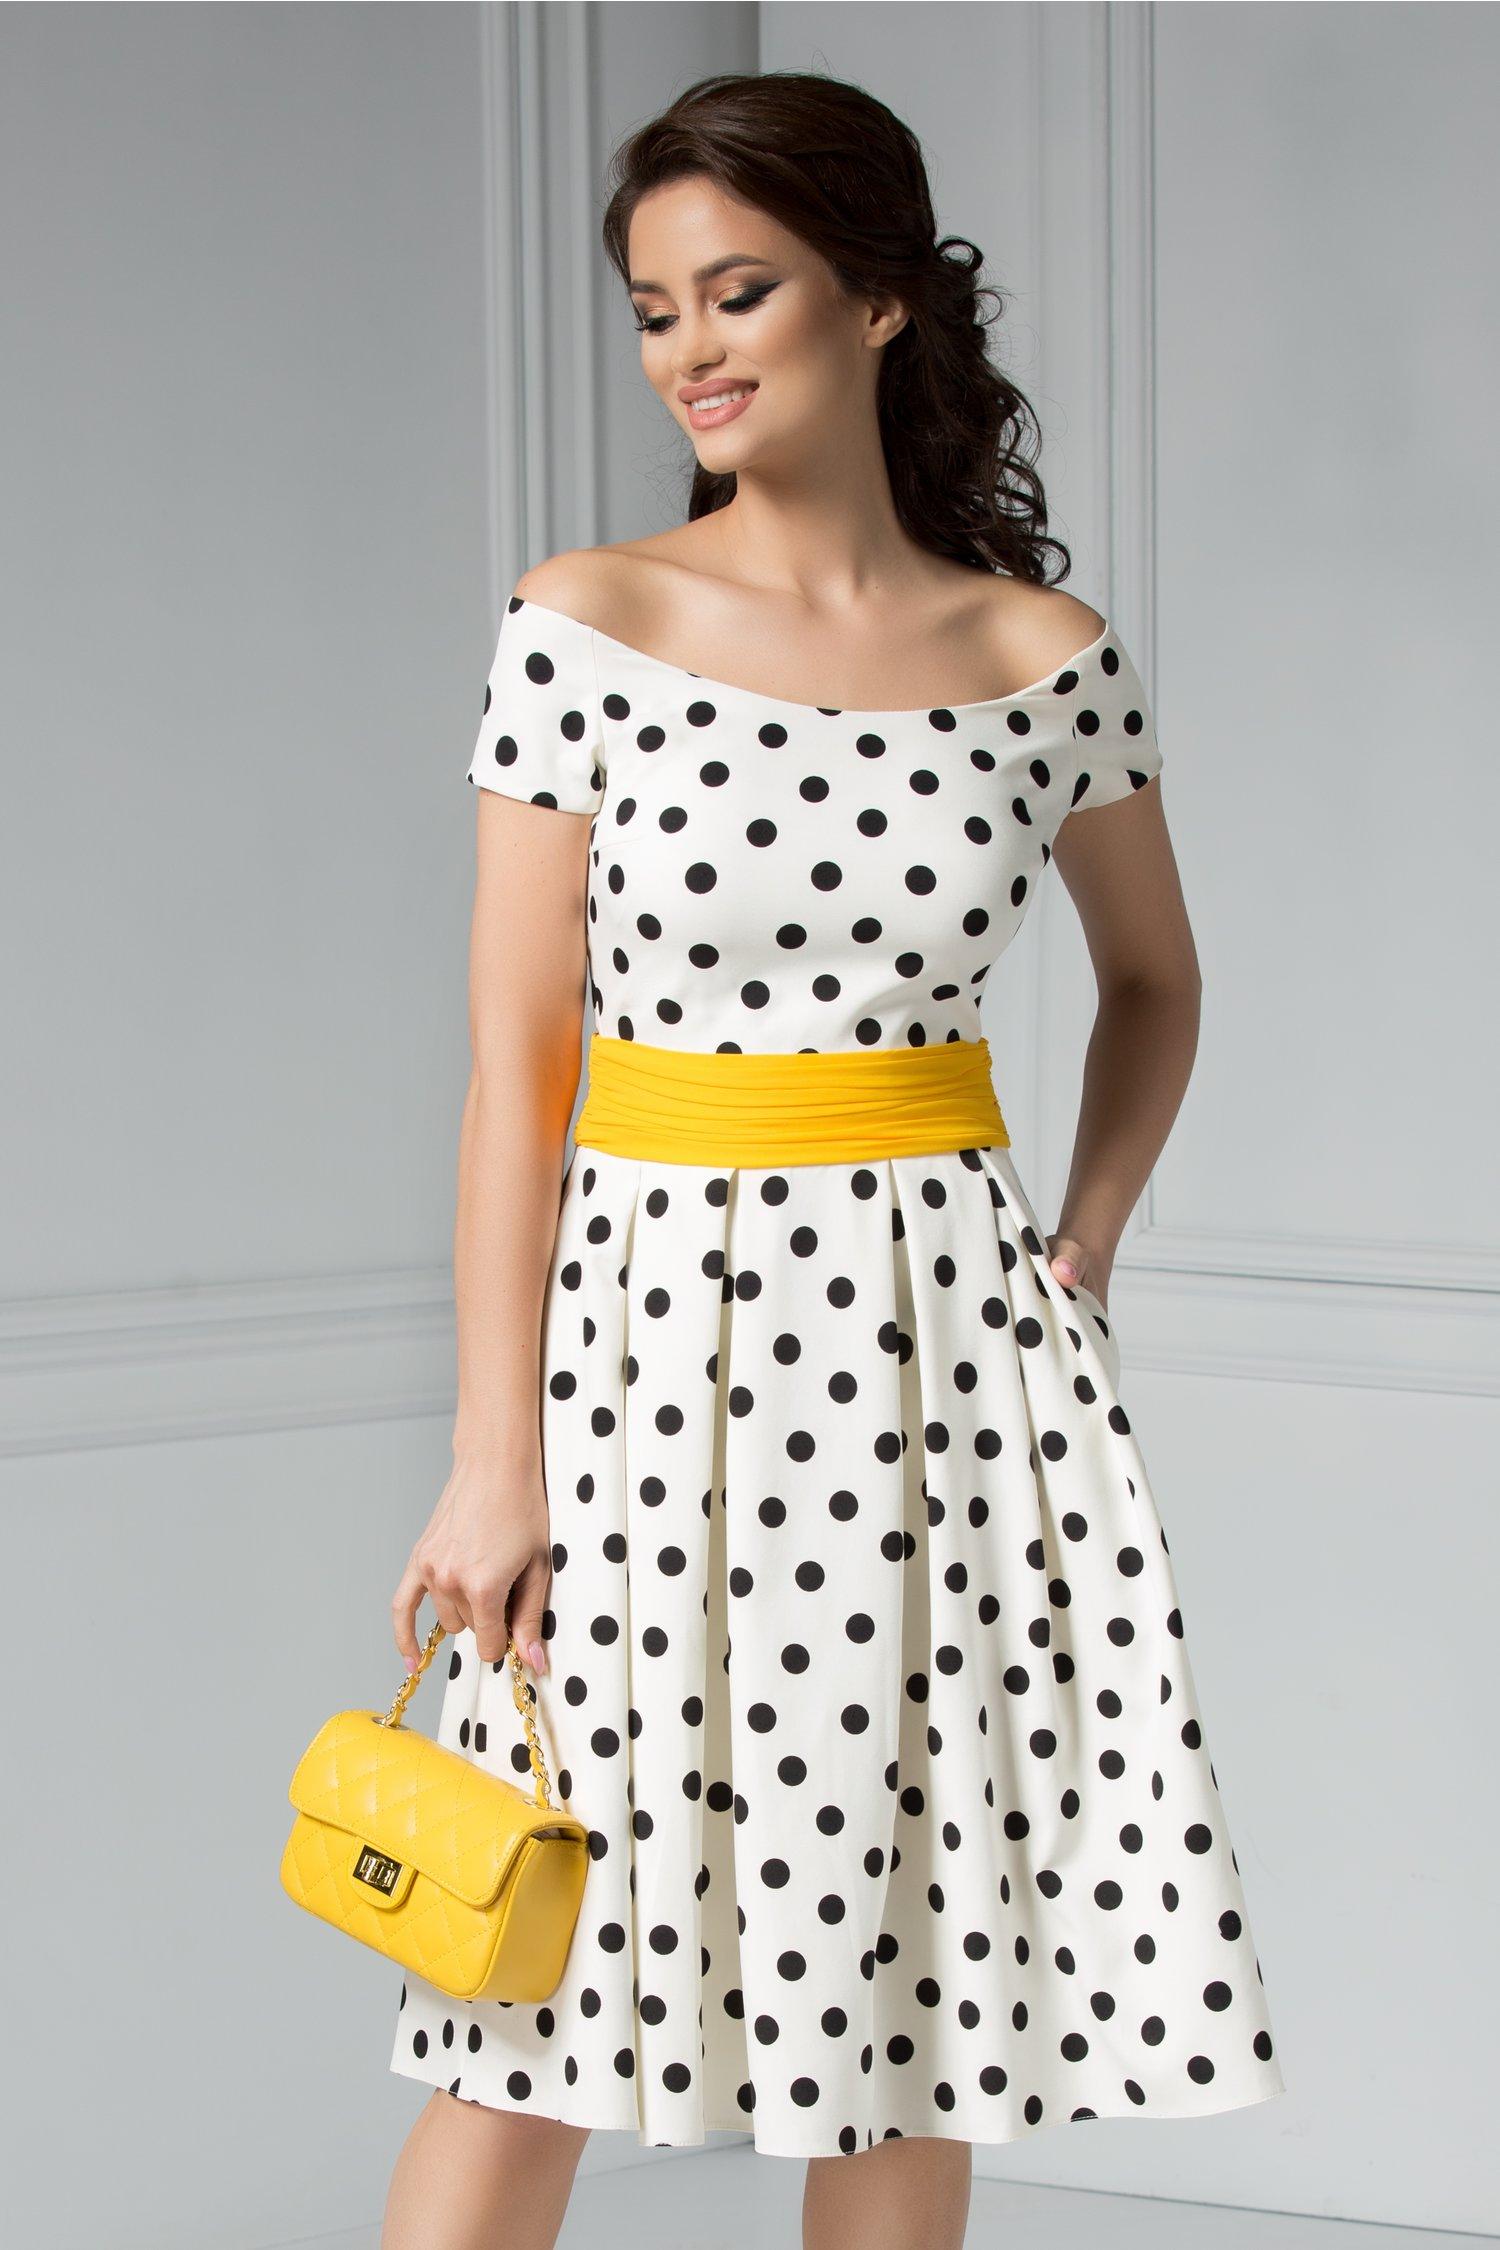 Rochie Carine alba cu buline albe negre